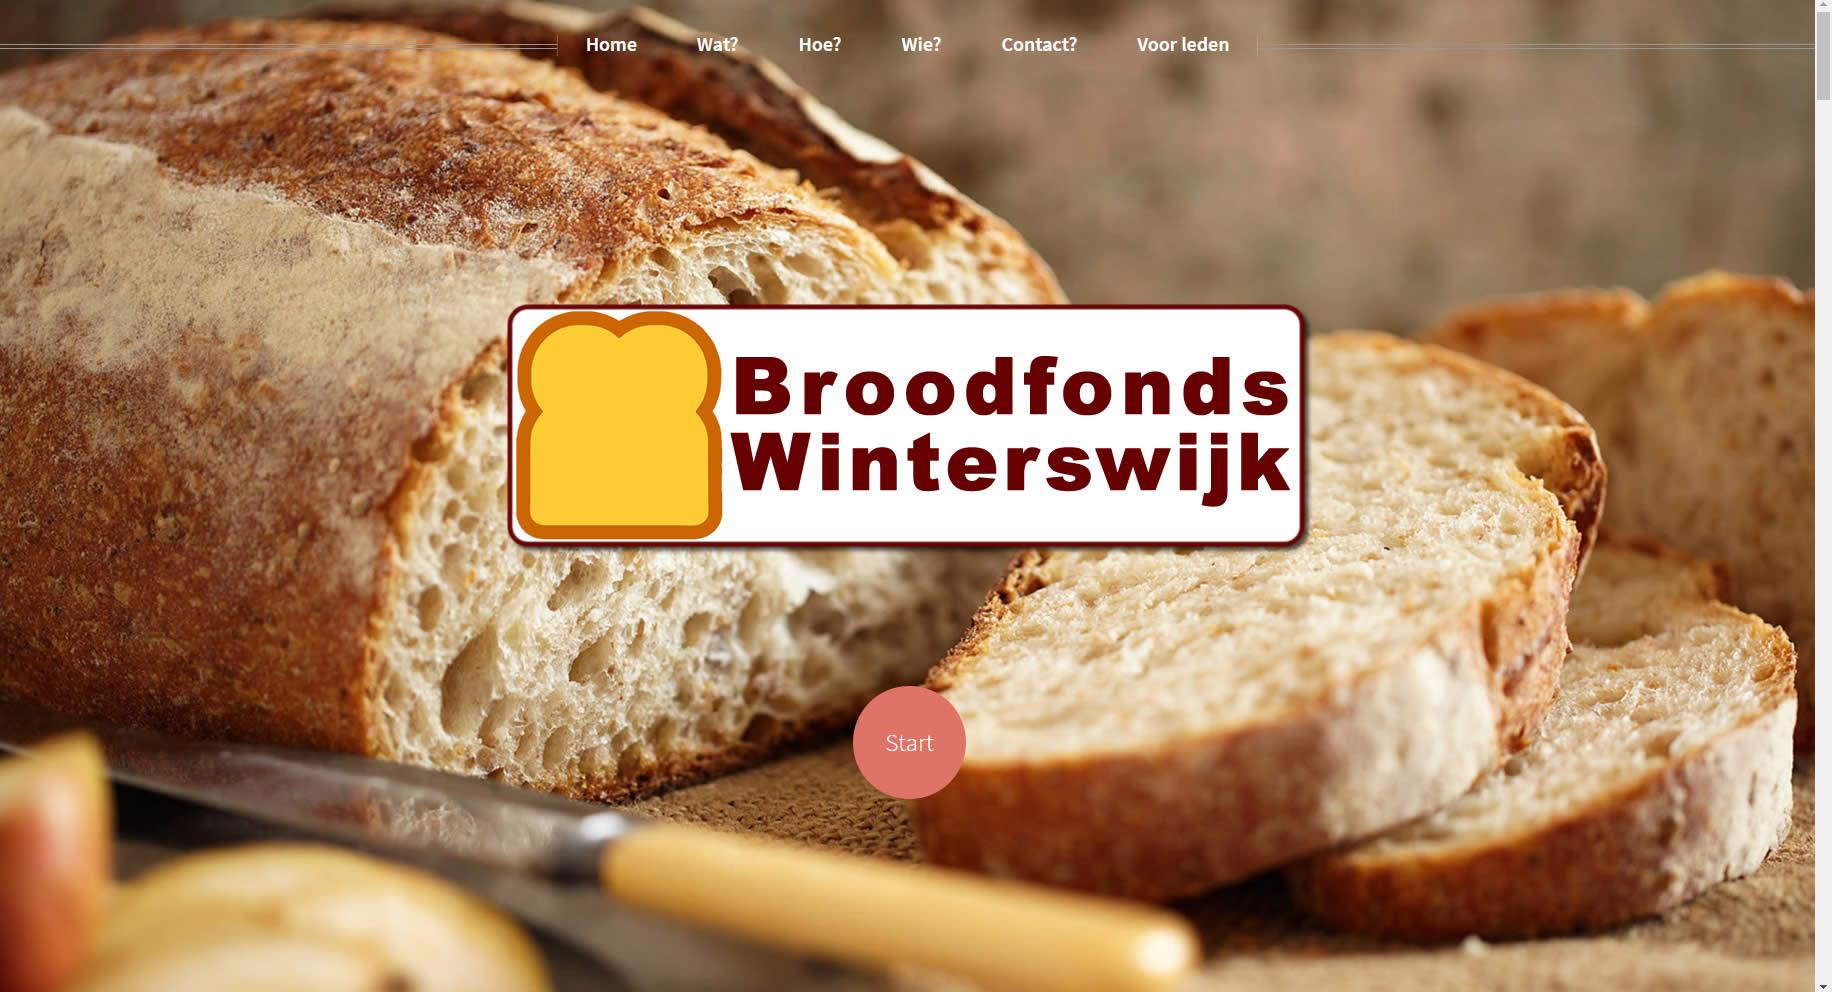 broodfondswinterswijk.nl